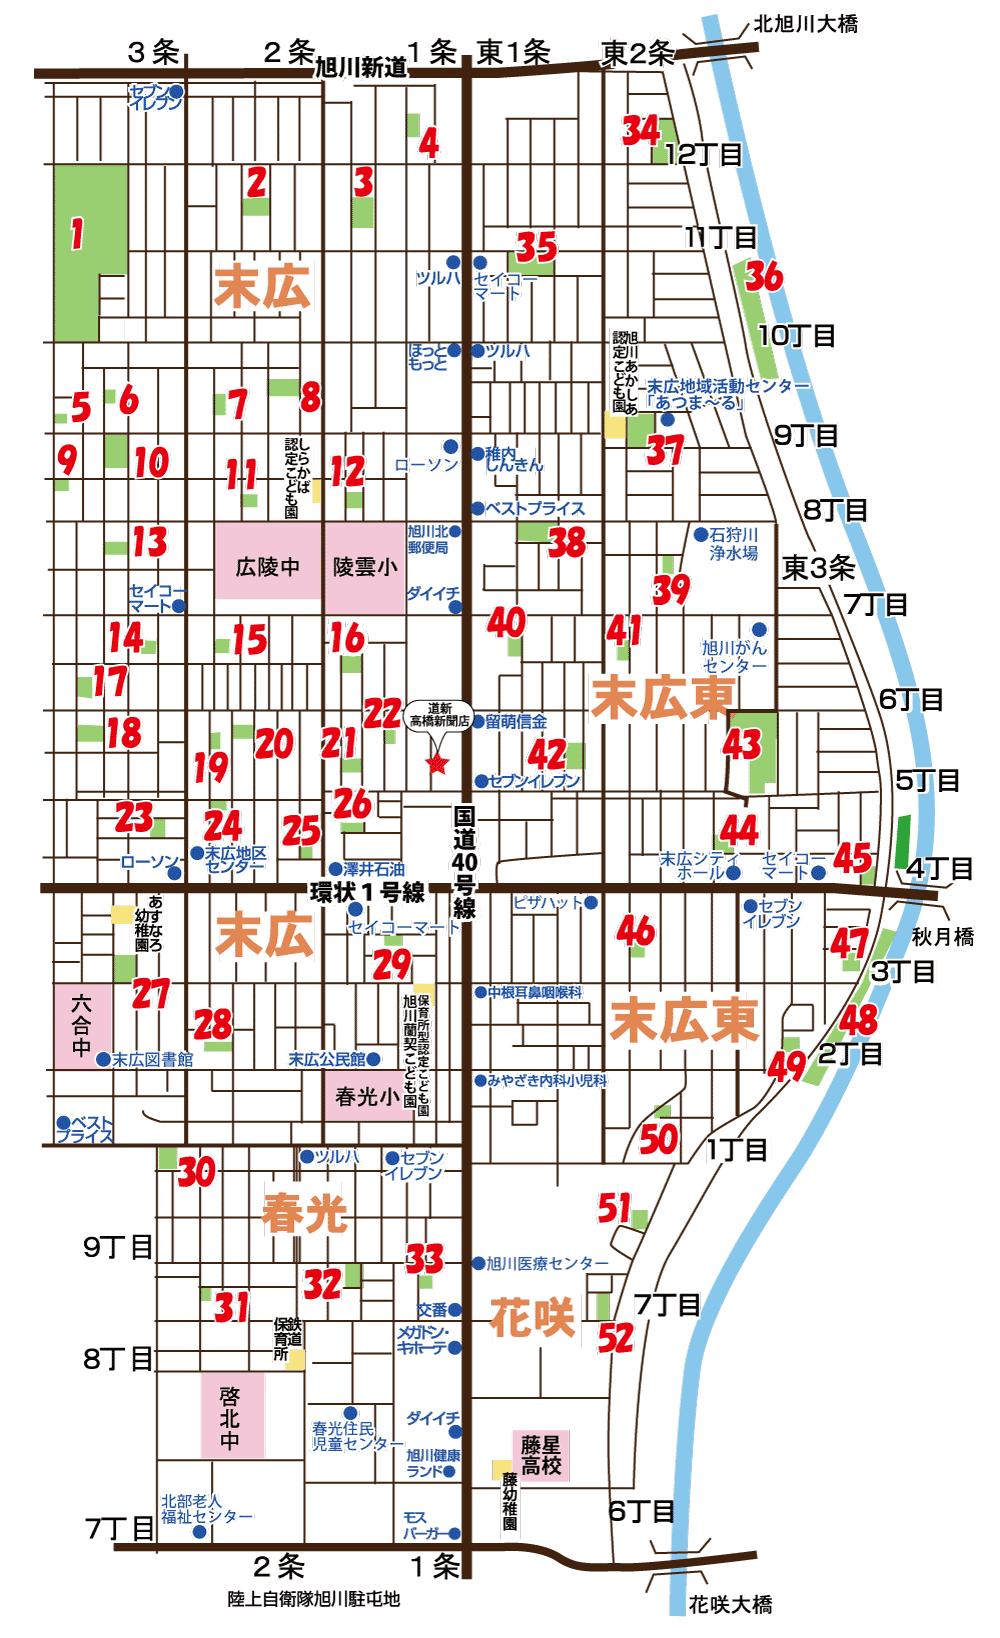 kouenmap2018